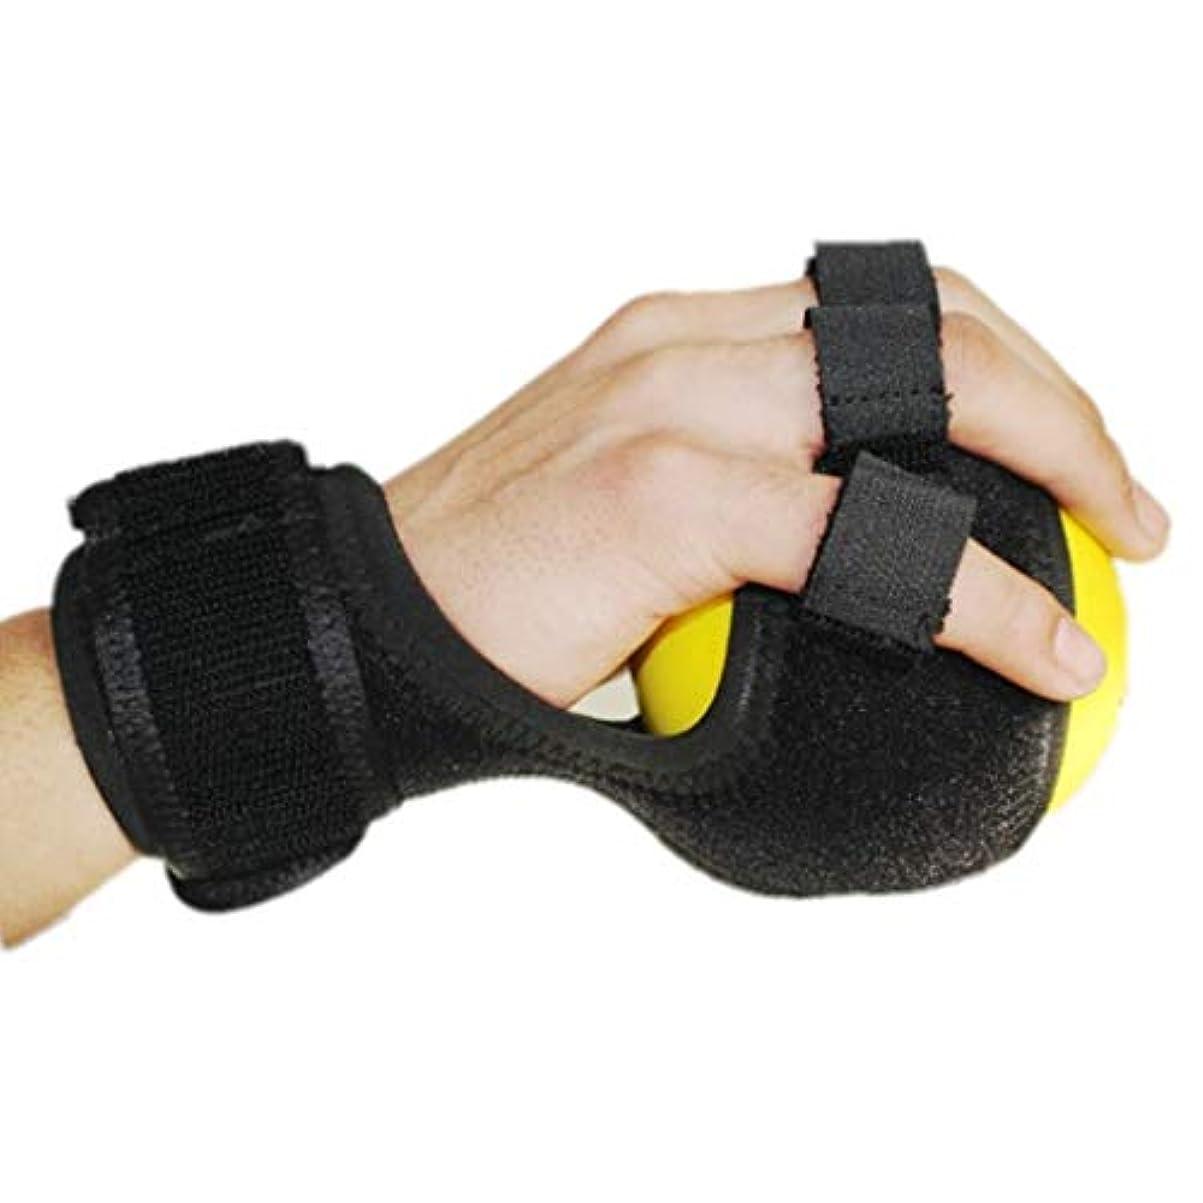 絶望的なガジュマル更新するグリップボールは手をつない機能障害アンチスクワット指補正デバイスのデバイストレーニング機器ストローク片麻痺リハビリトレーニングデバイスを参照します